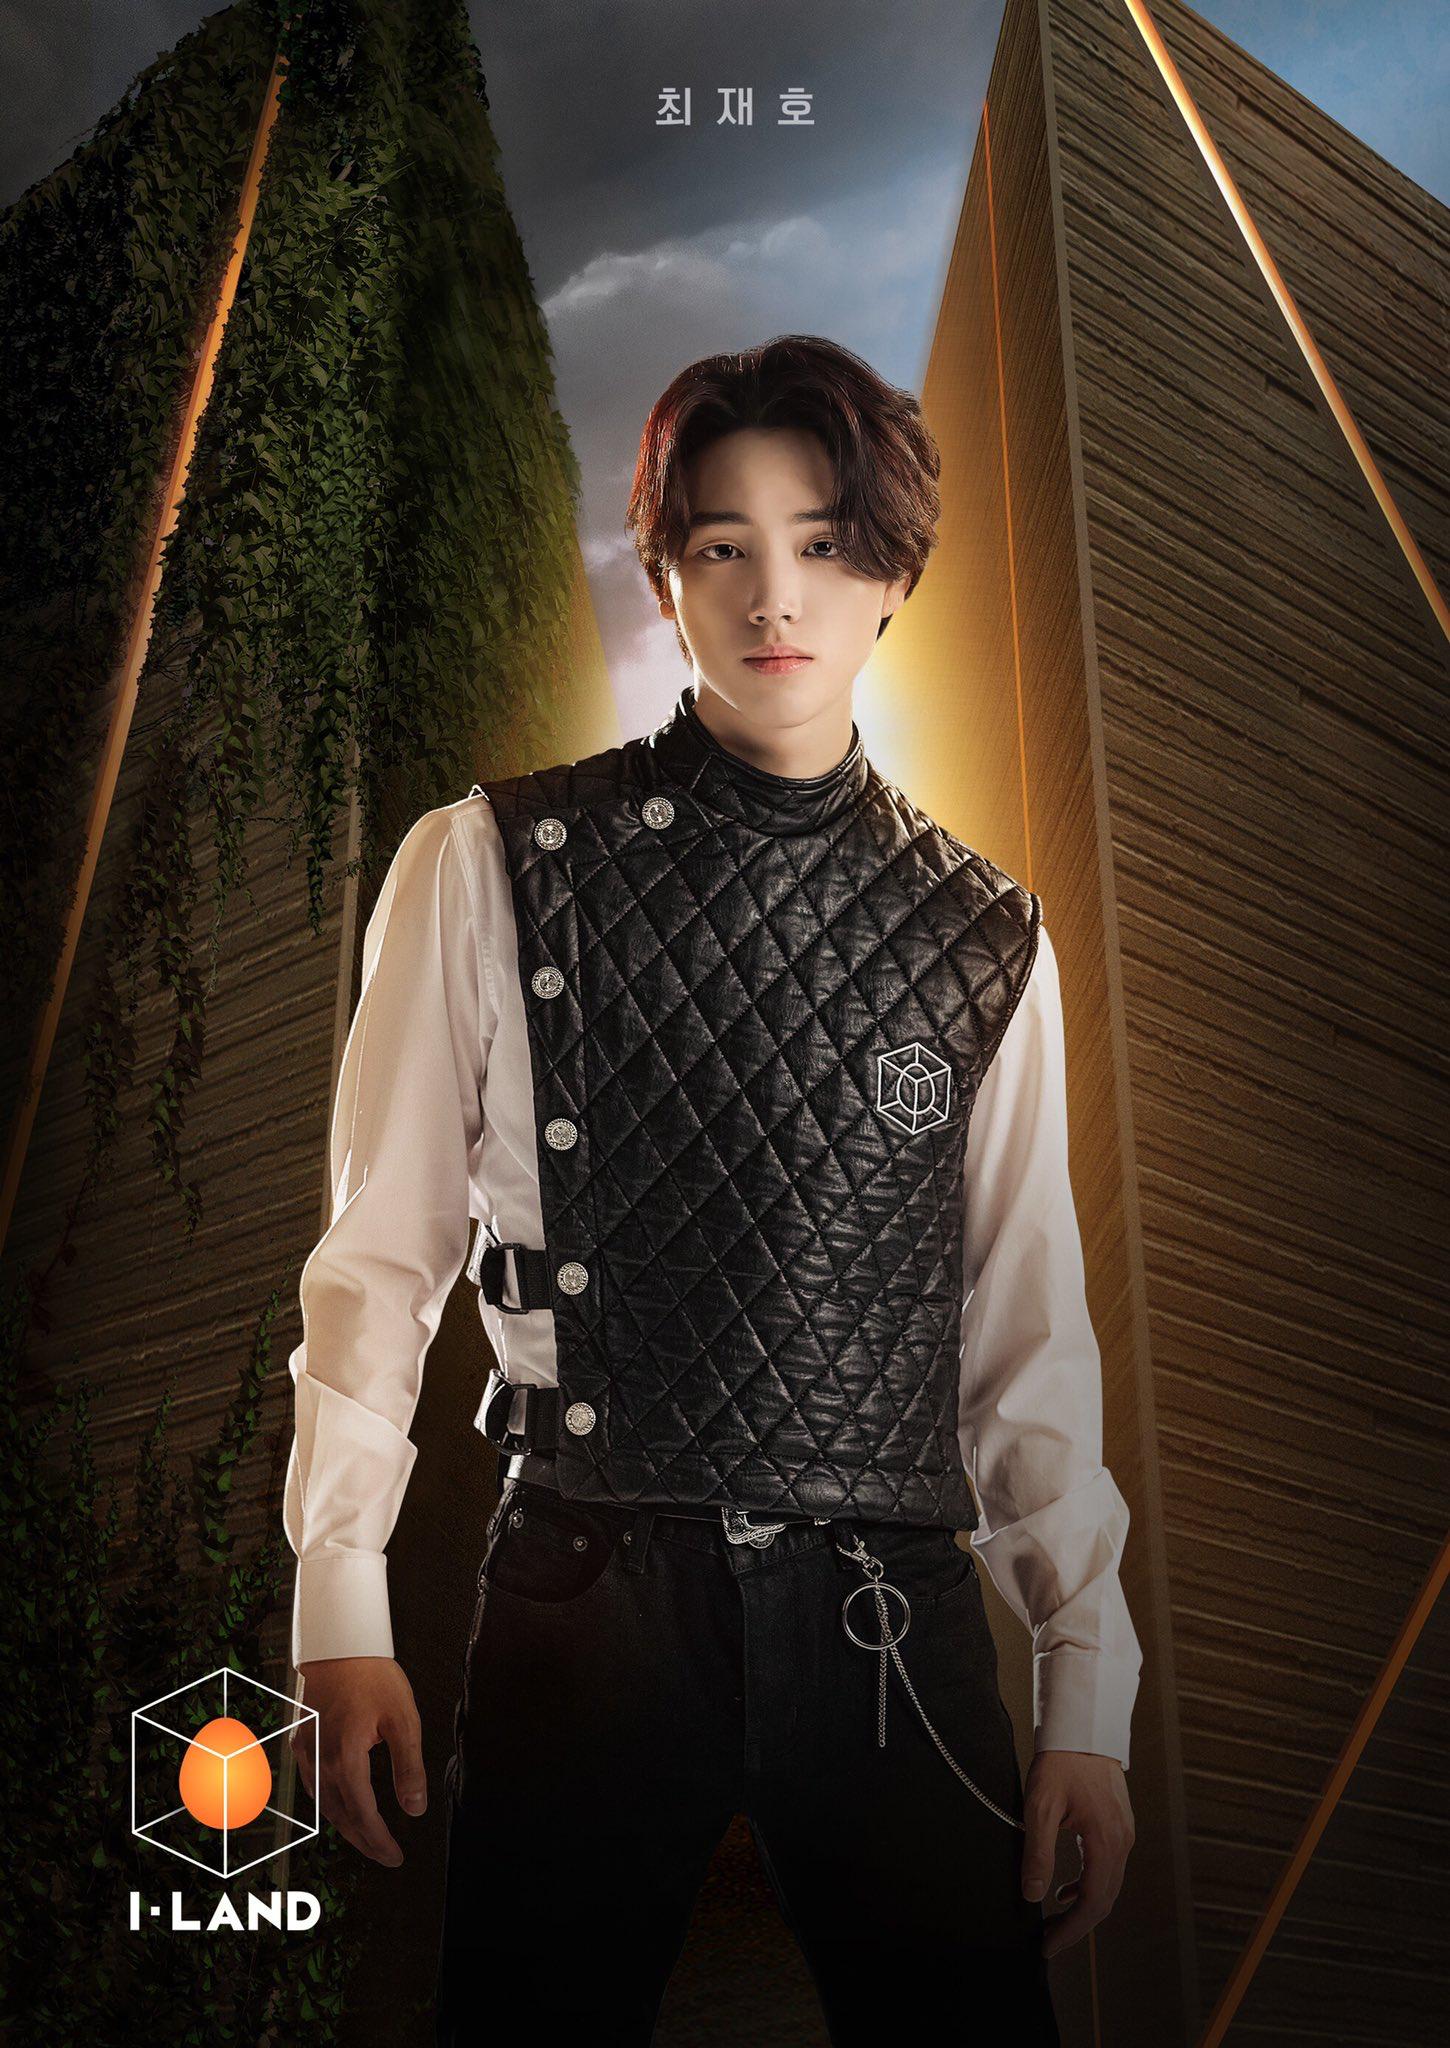 Jaeho (I-LAND contestant)